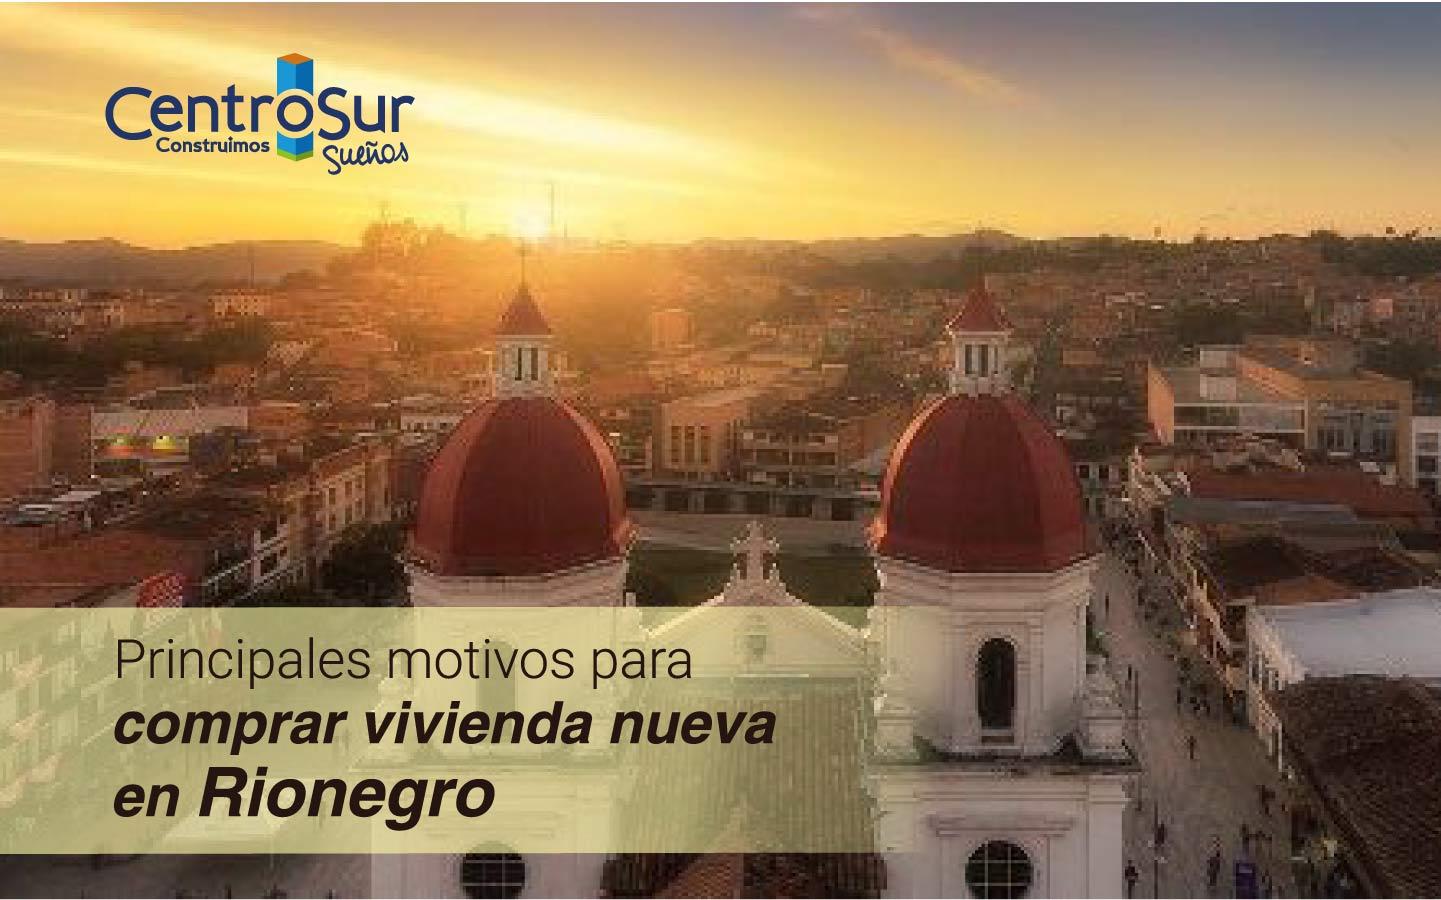 Principales motivos para comprar vivienda nueva en Rionegro